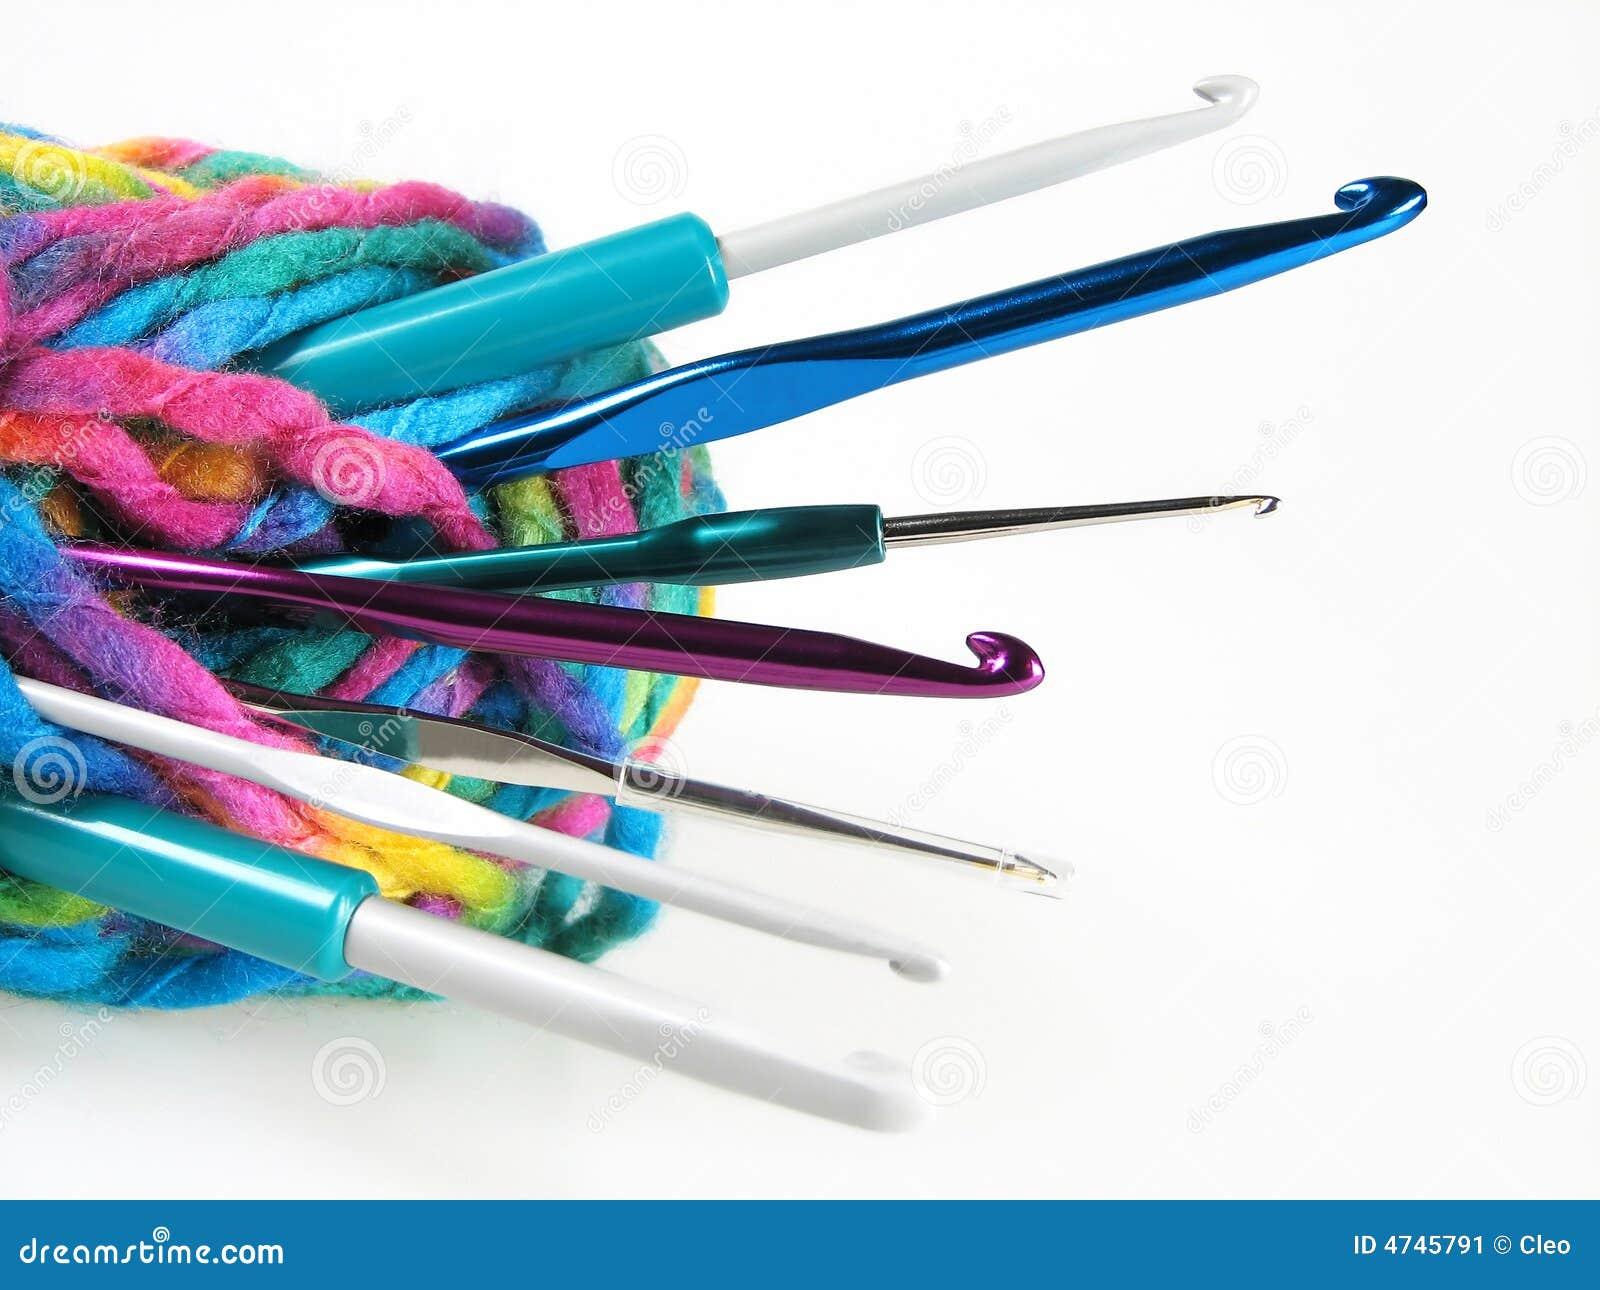 Купить крючки для вязания Addi в интернет-магазине 42